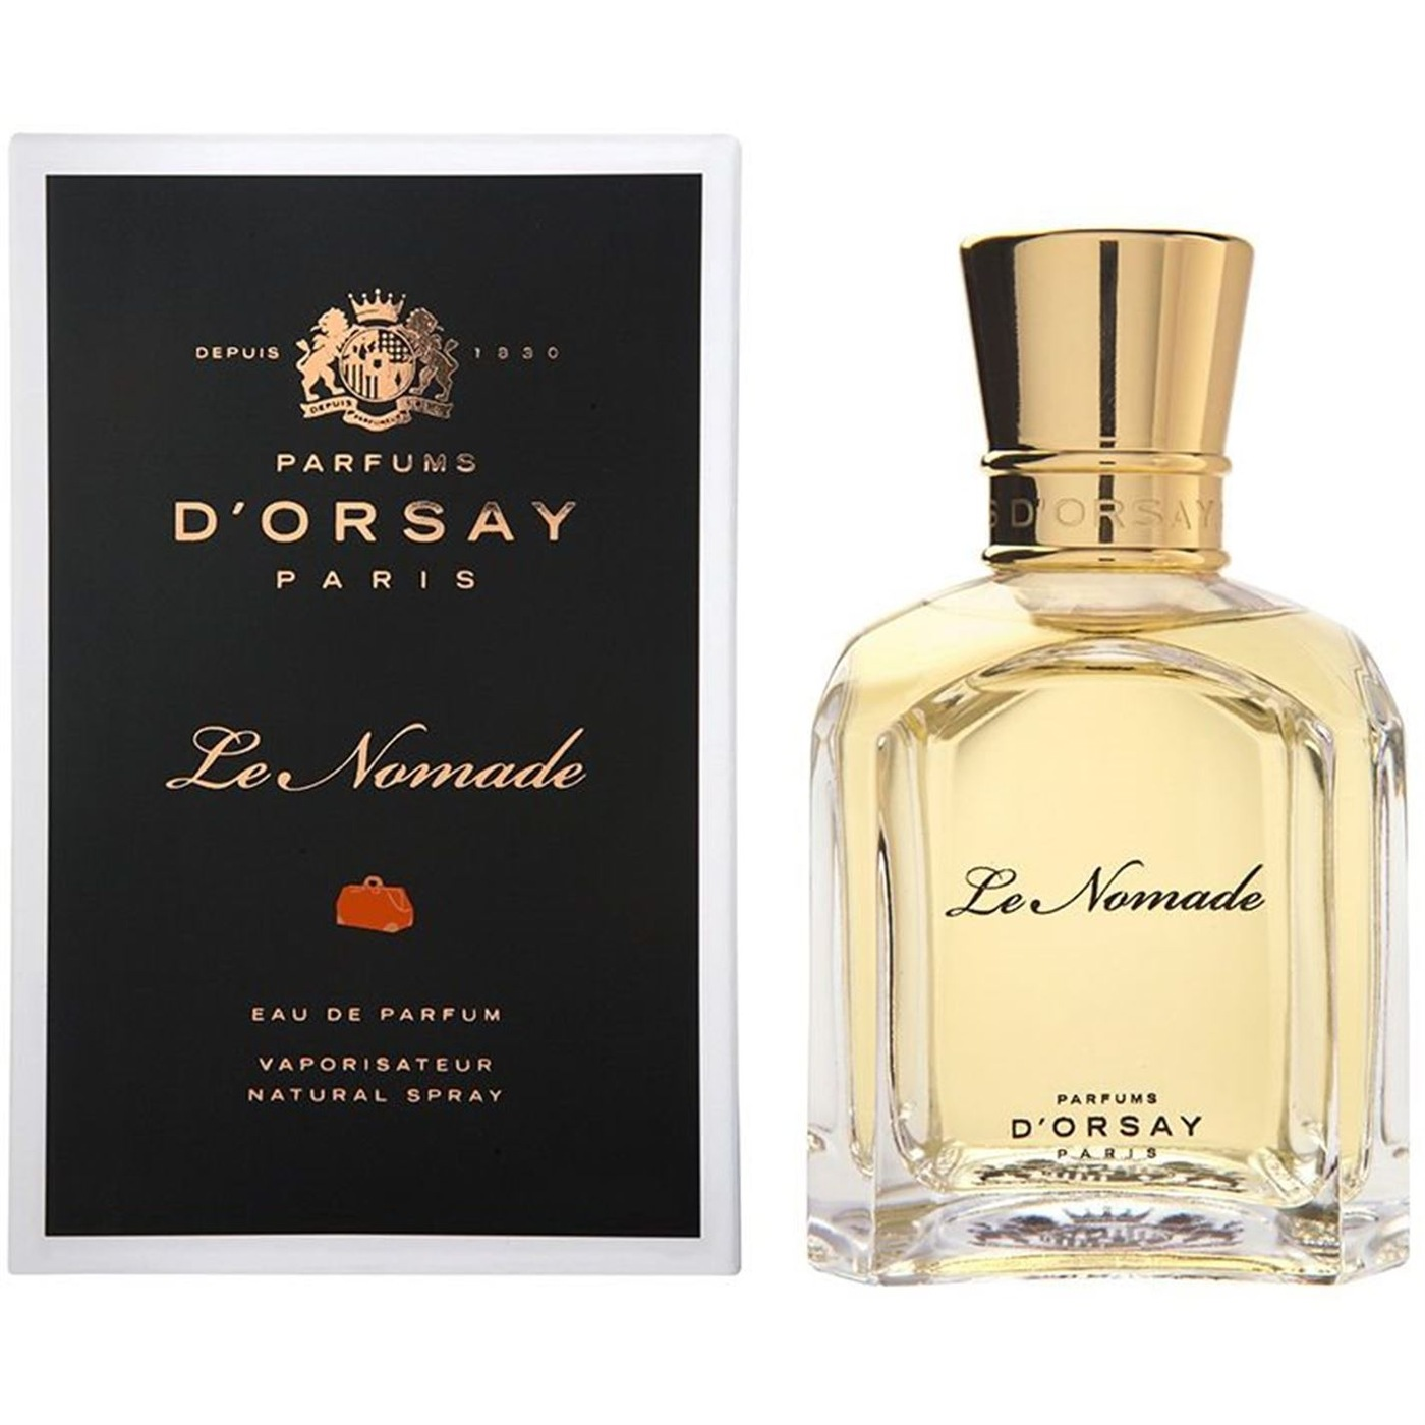 Parfums DOrsay Le Nomade Eau de Parfum 50ml